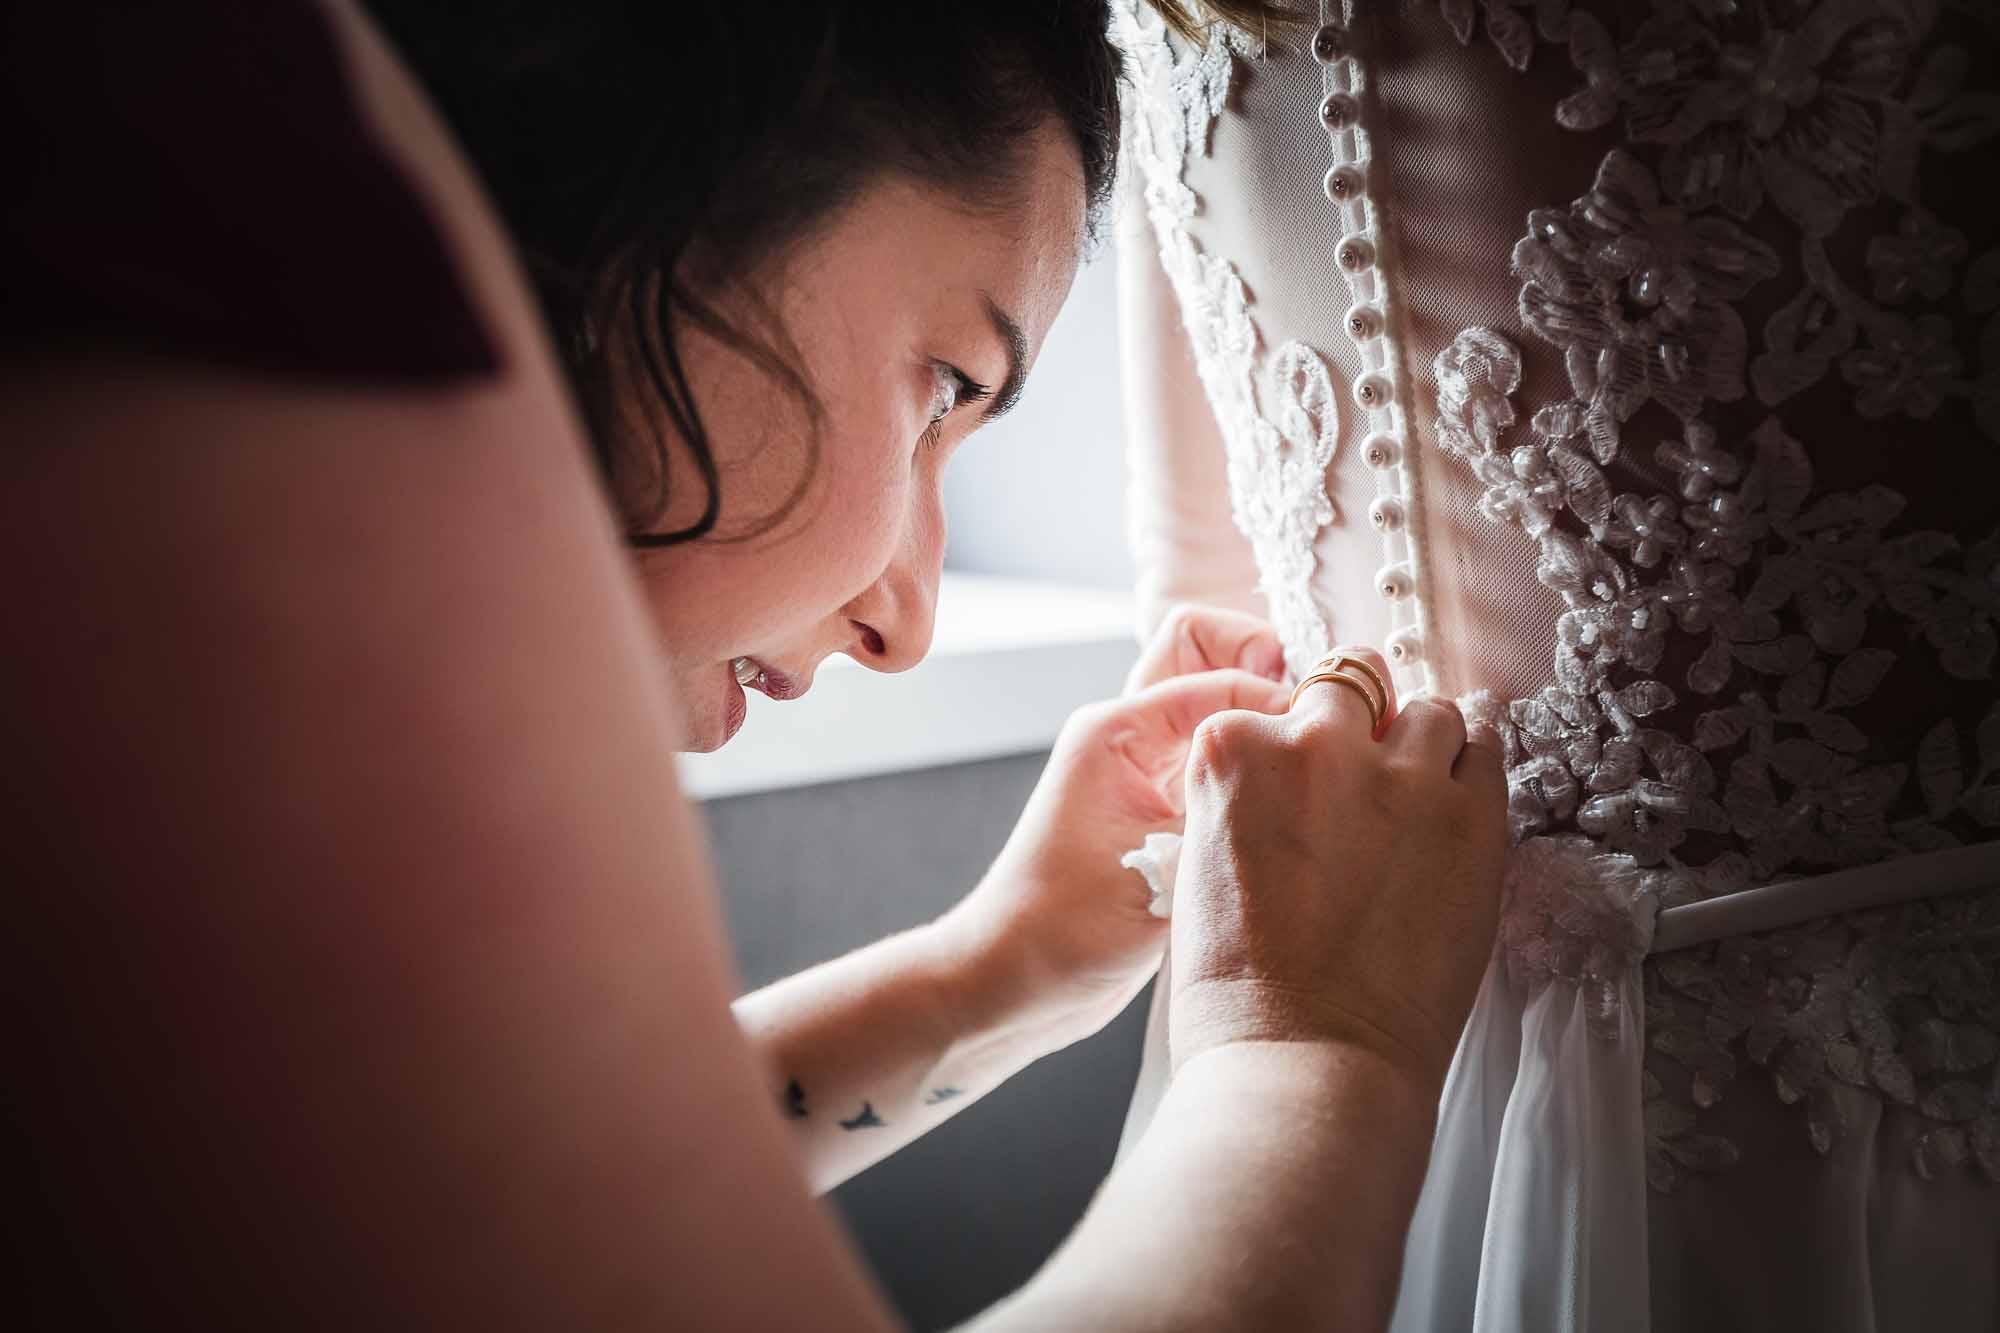 Hochzeitskleid wird zugeknöpft